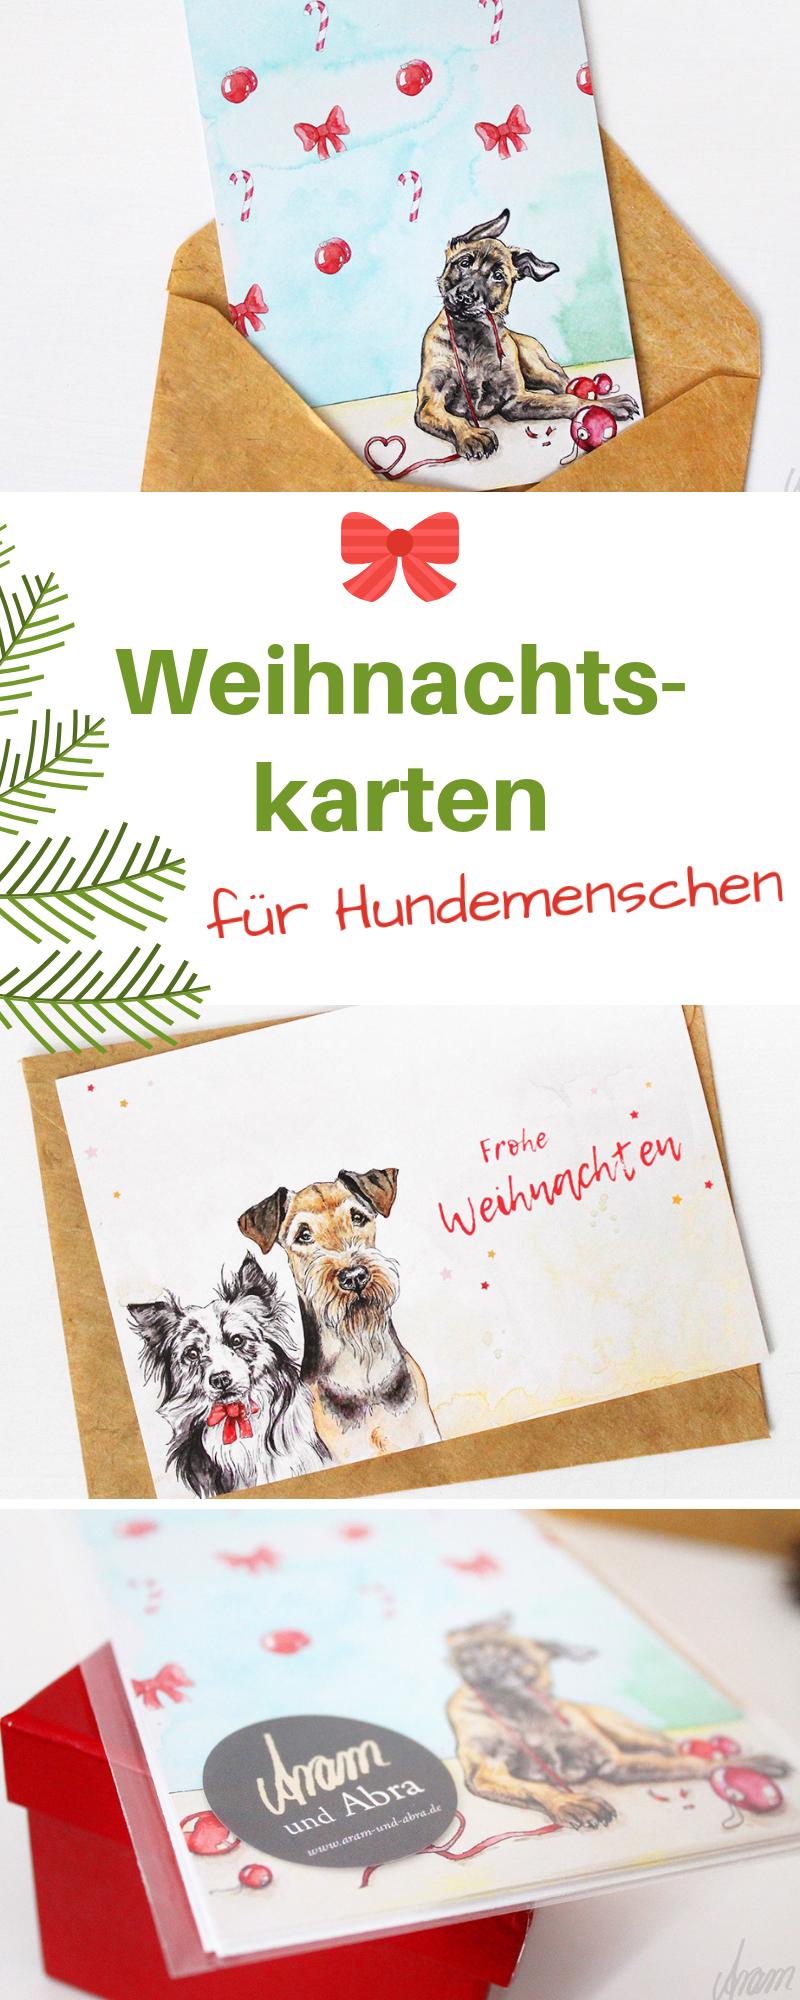 Hunde Weihnachtskarten Mehr Susse Hunde Grusskarten Zu